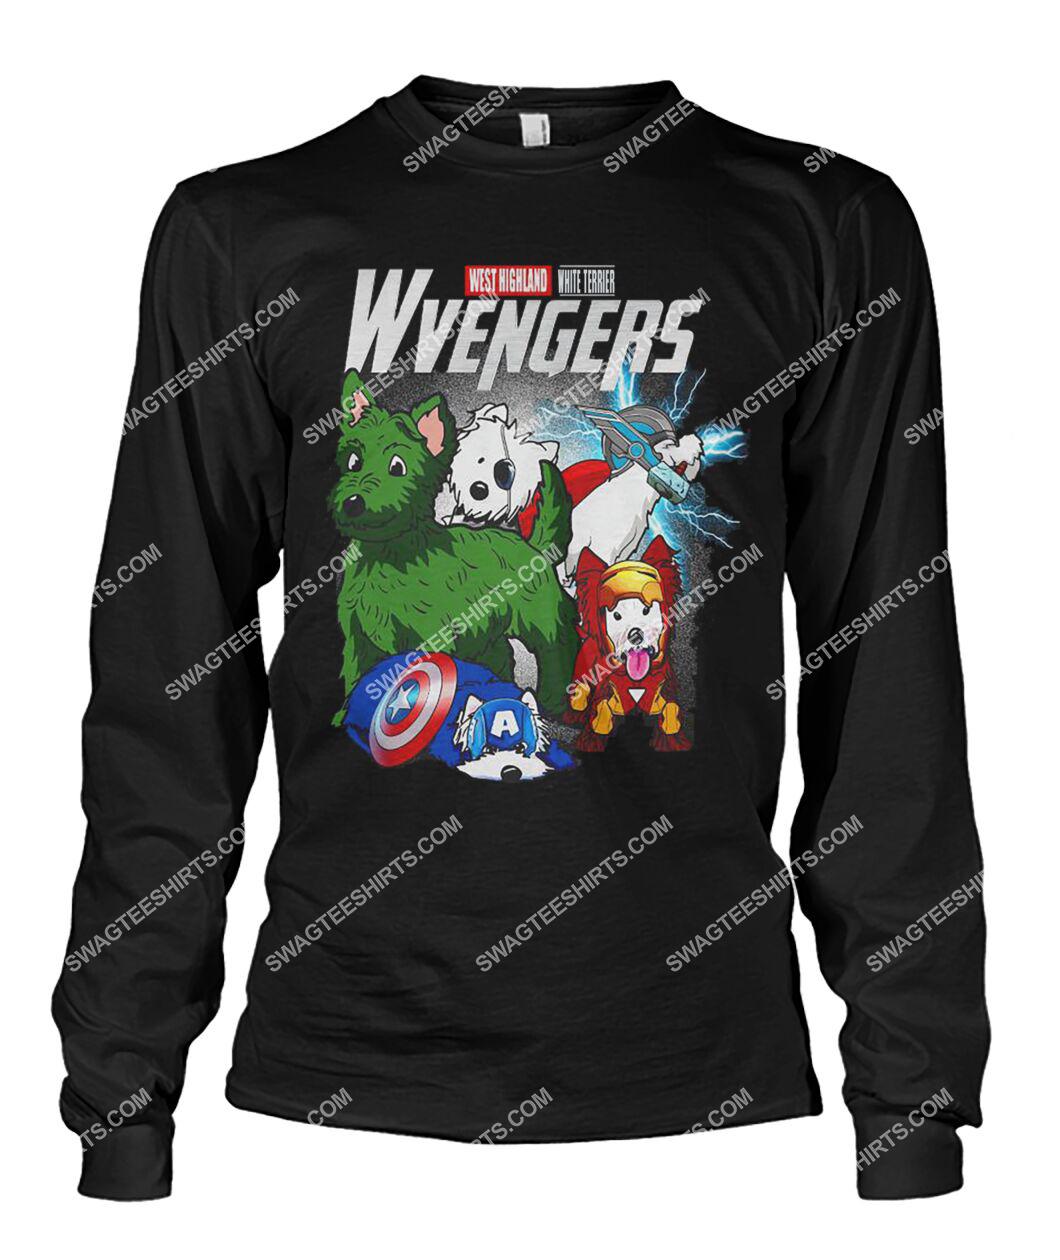 west highland white terrier wvengers marvel avengers dogs lover sweatshirt 1